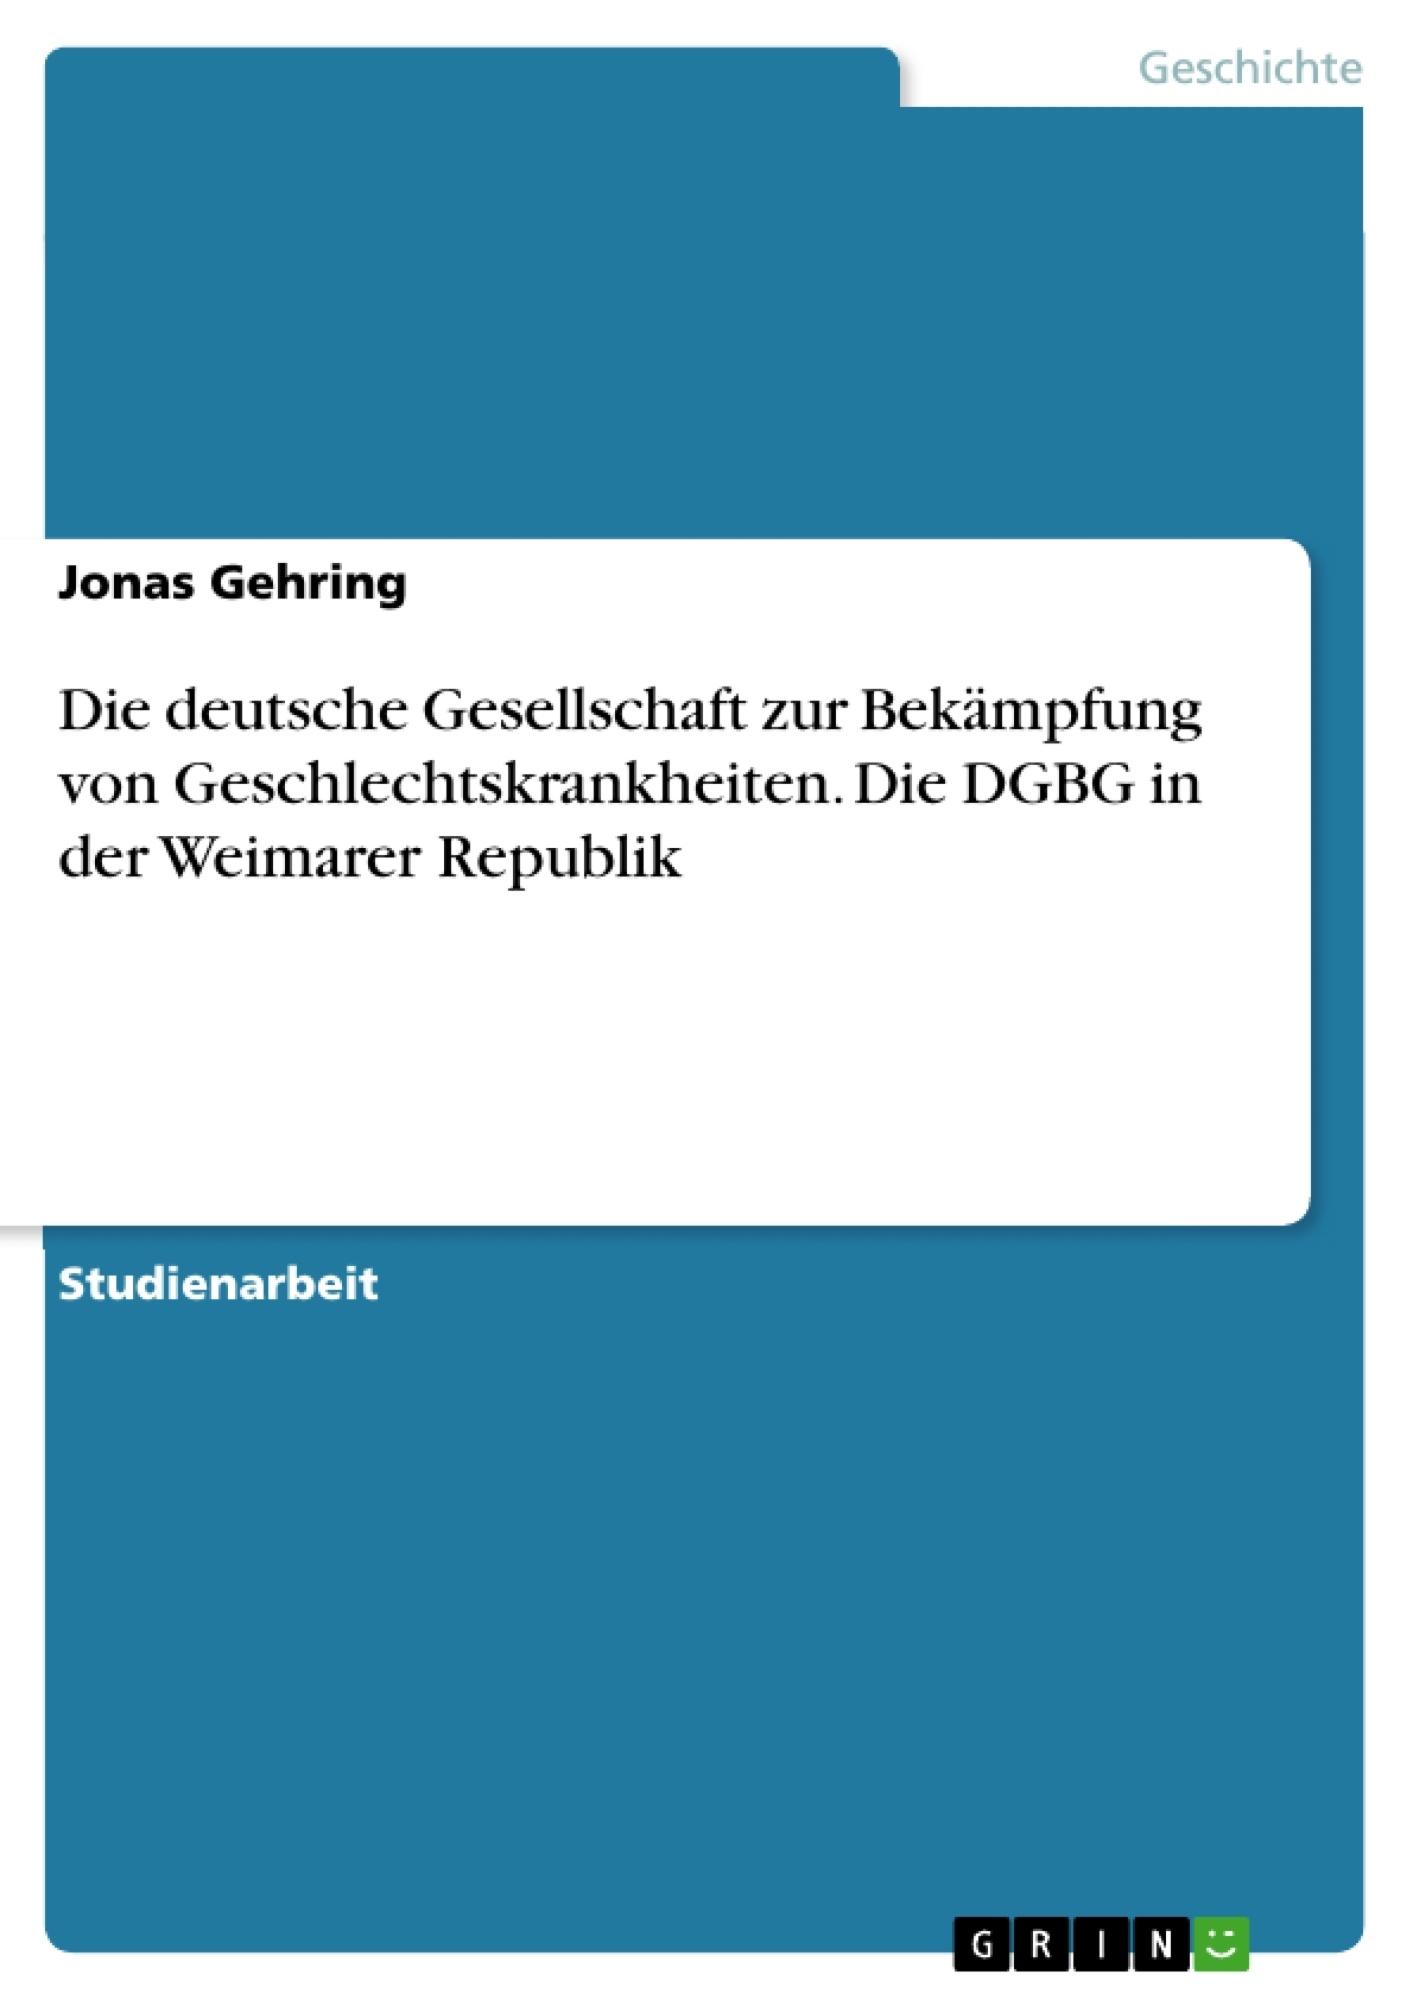 Titel: Die deutsche Gesellschaft zur Bekämpfung von Geschlechtskrankheiten. Die DGBG in der Weimarer Republik